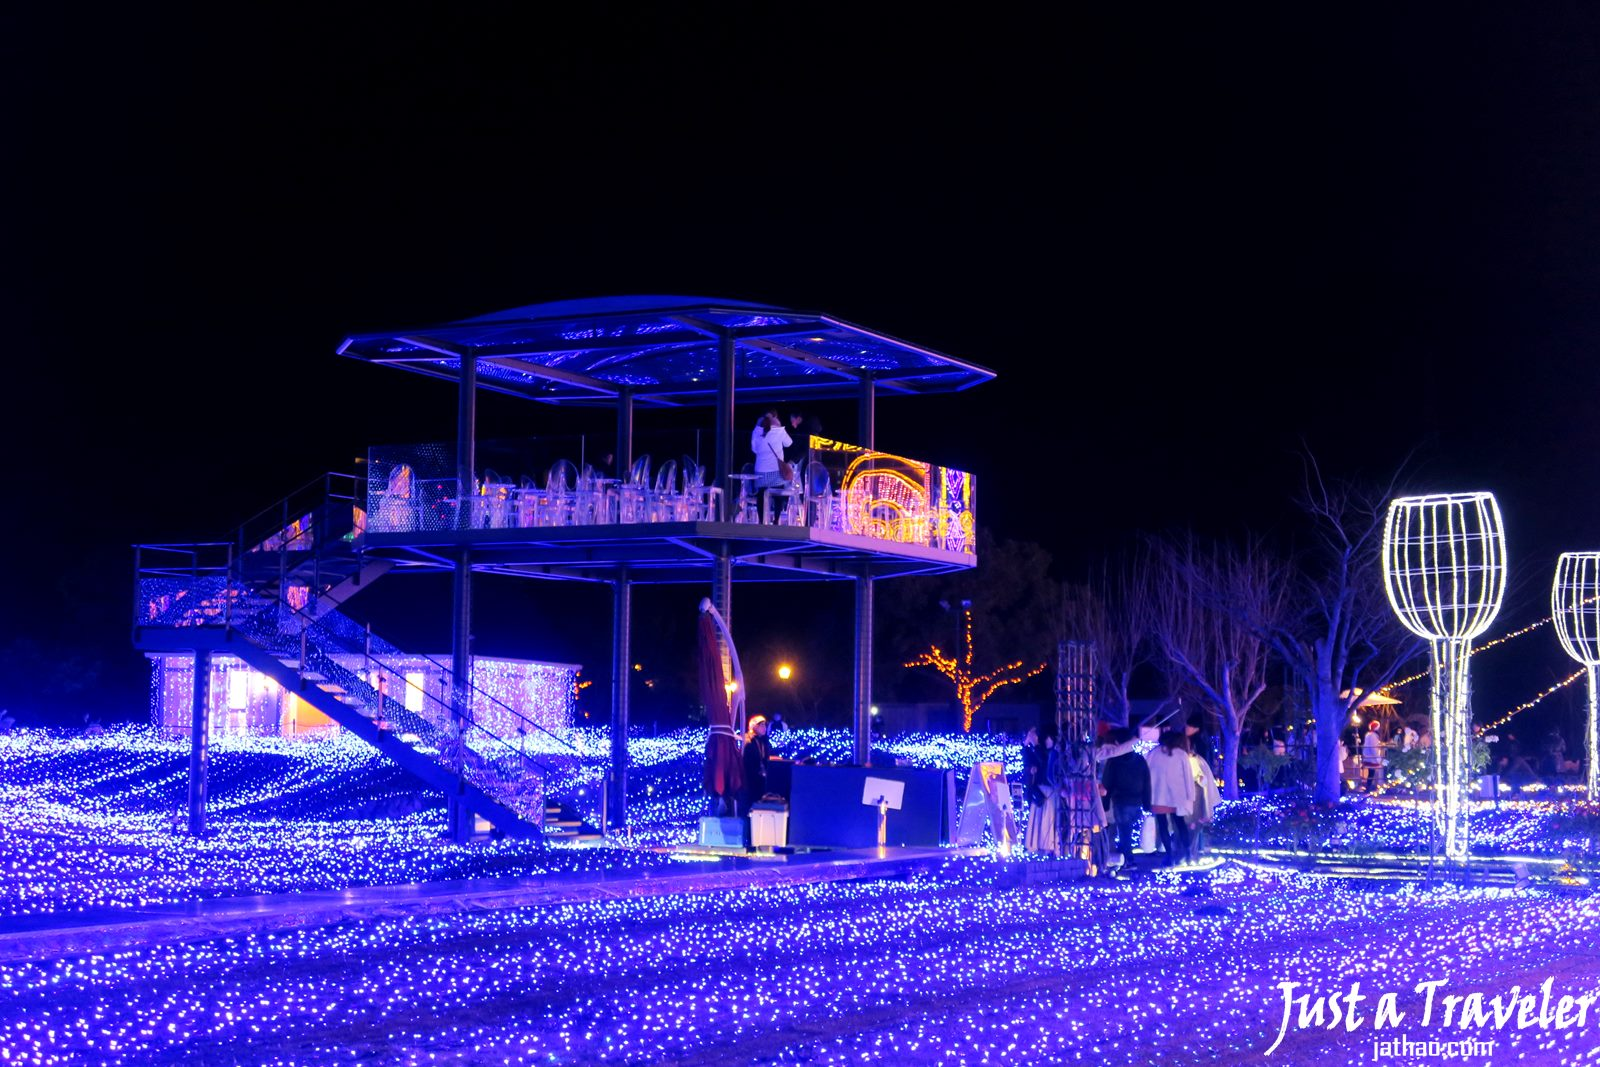 九州-長崎-景點-推薦-豪斯登堡-夜景-行程-旅遊-自由行-Kyushu-Huis Ten Bosch-Travel-Japan